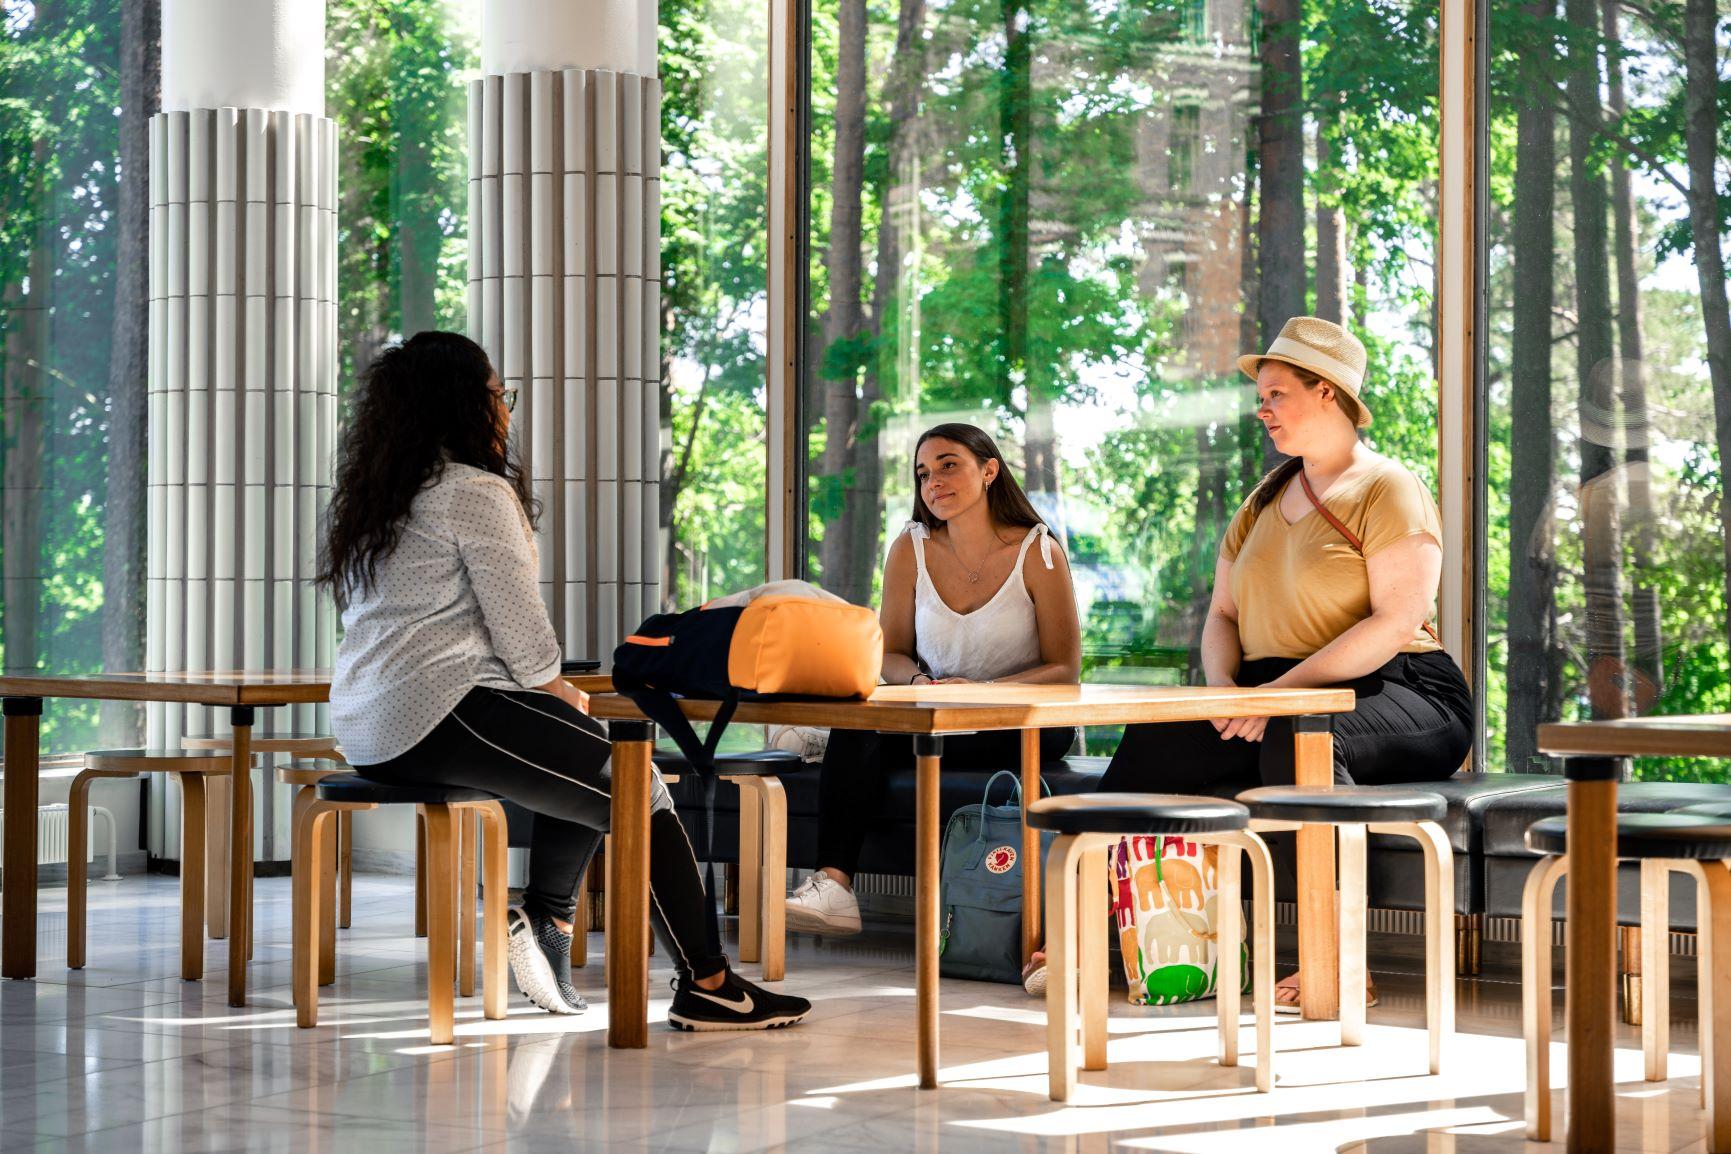 Kolme naisoletettua opiskelijaa istuu kampusrakennuksen aulassa pöydän ympärillä keskustelemassa